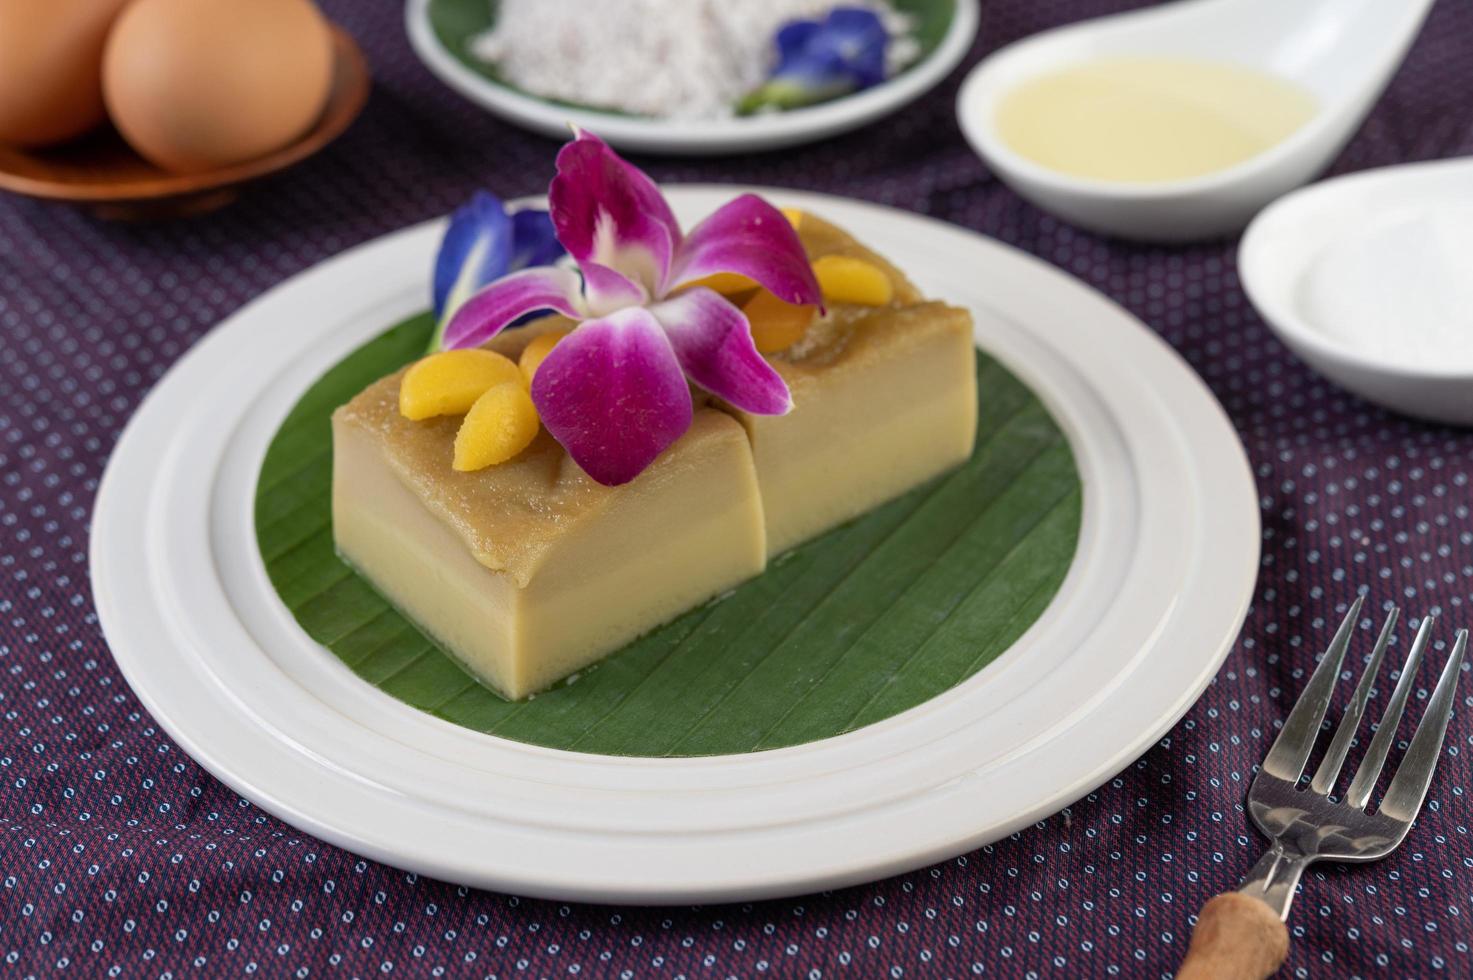 vaniljsås på ett bananblad med ärtblommor och orkidéer foto